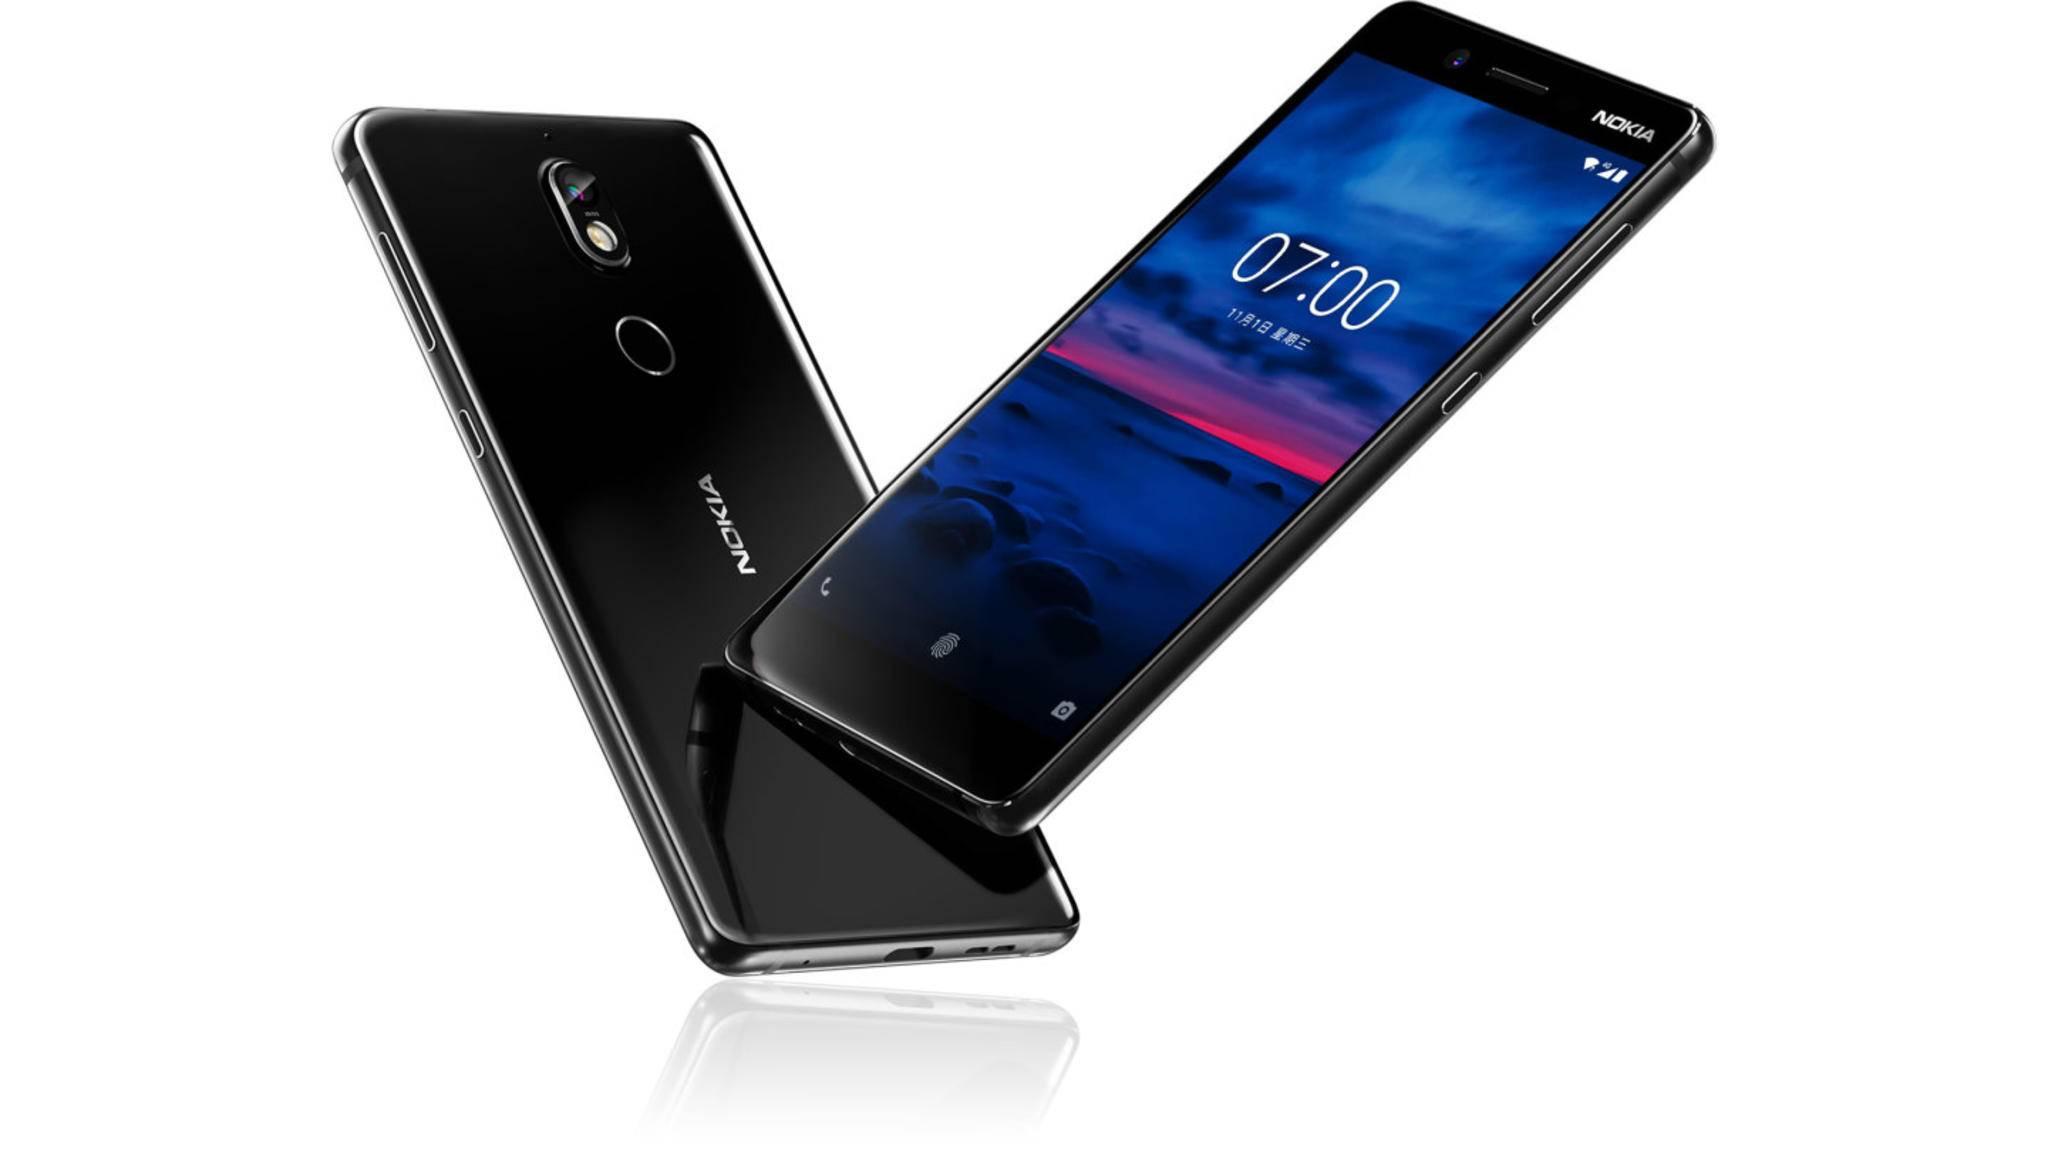 Das Nokia 7 Plus bietet wohl ein Sechs-Zoll-Display im 18:9-Format.